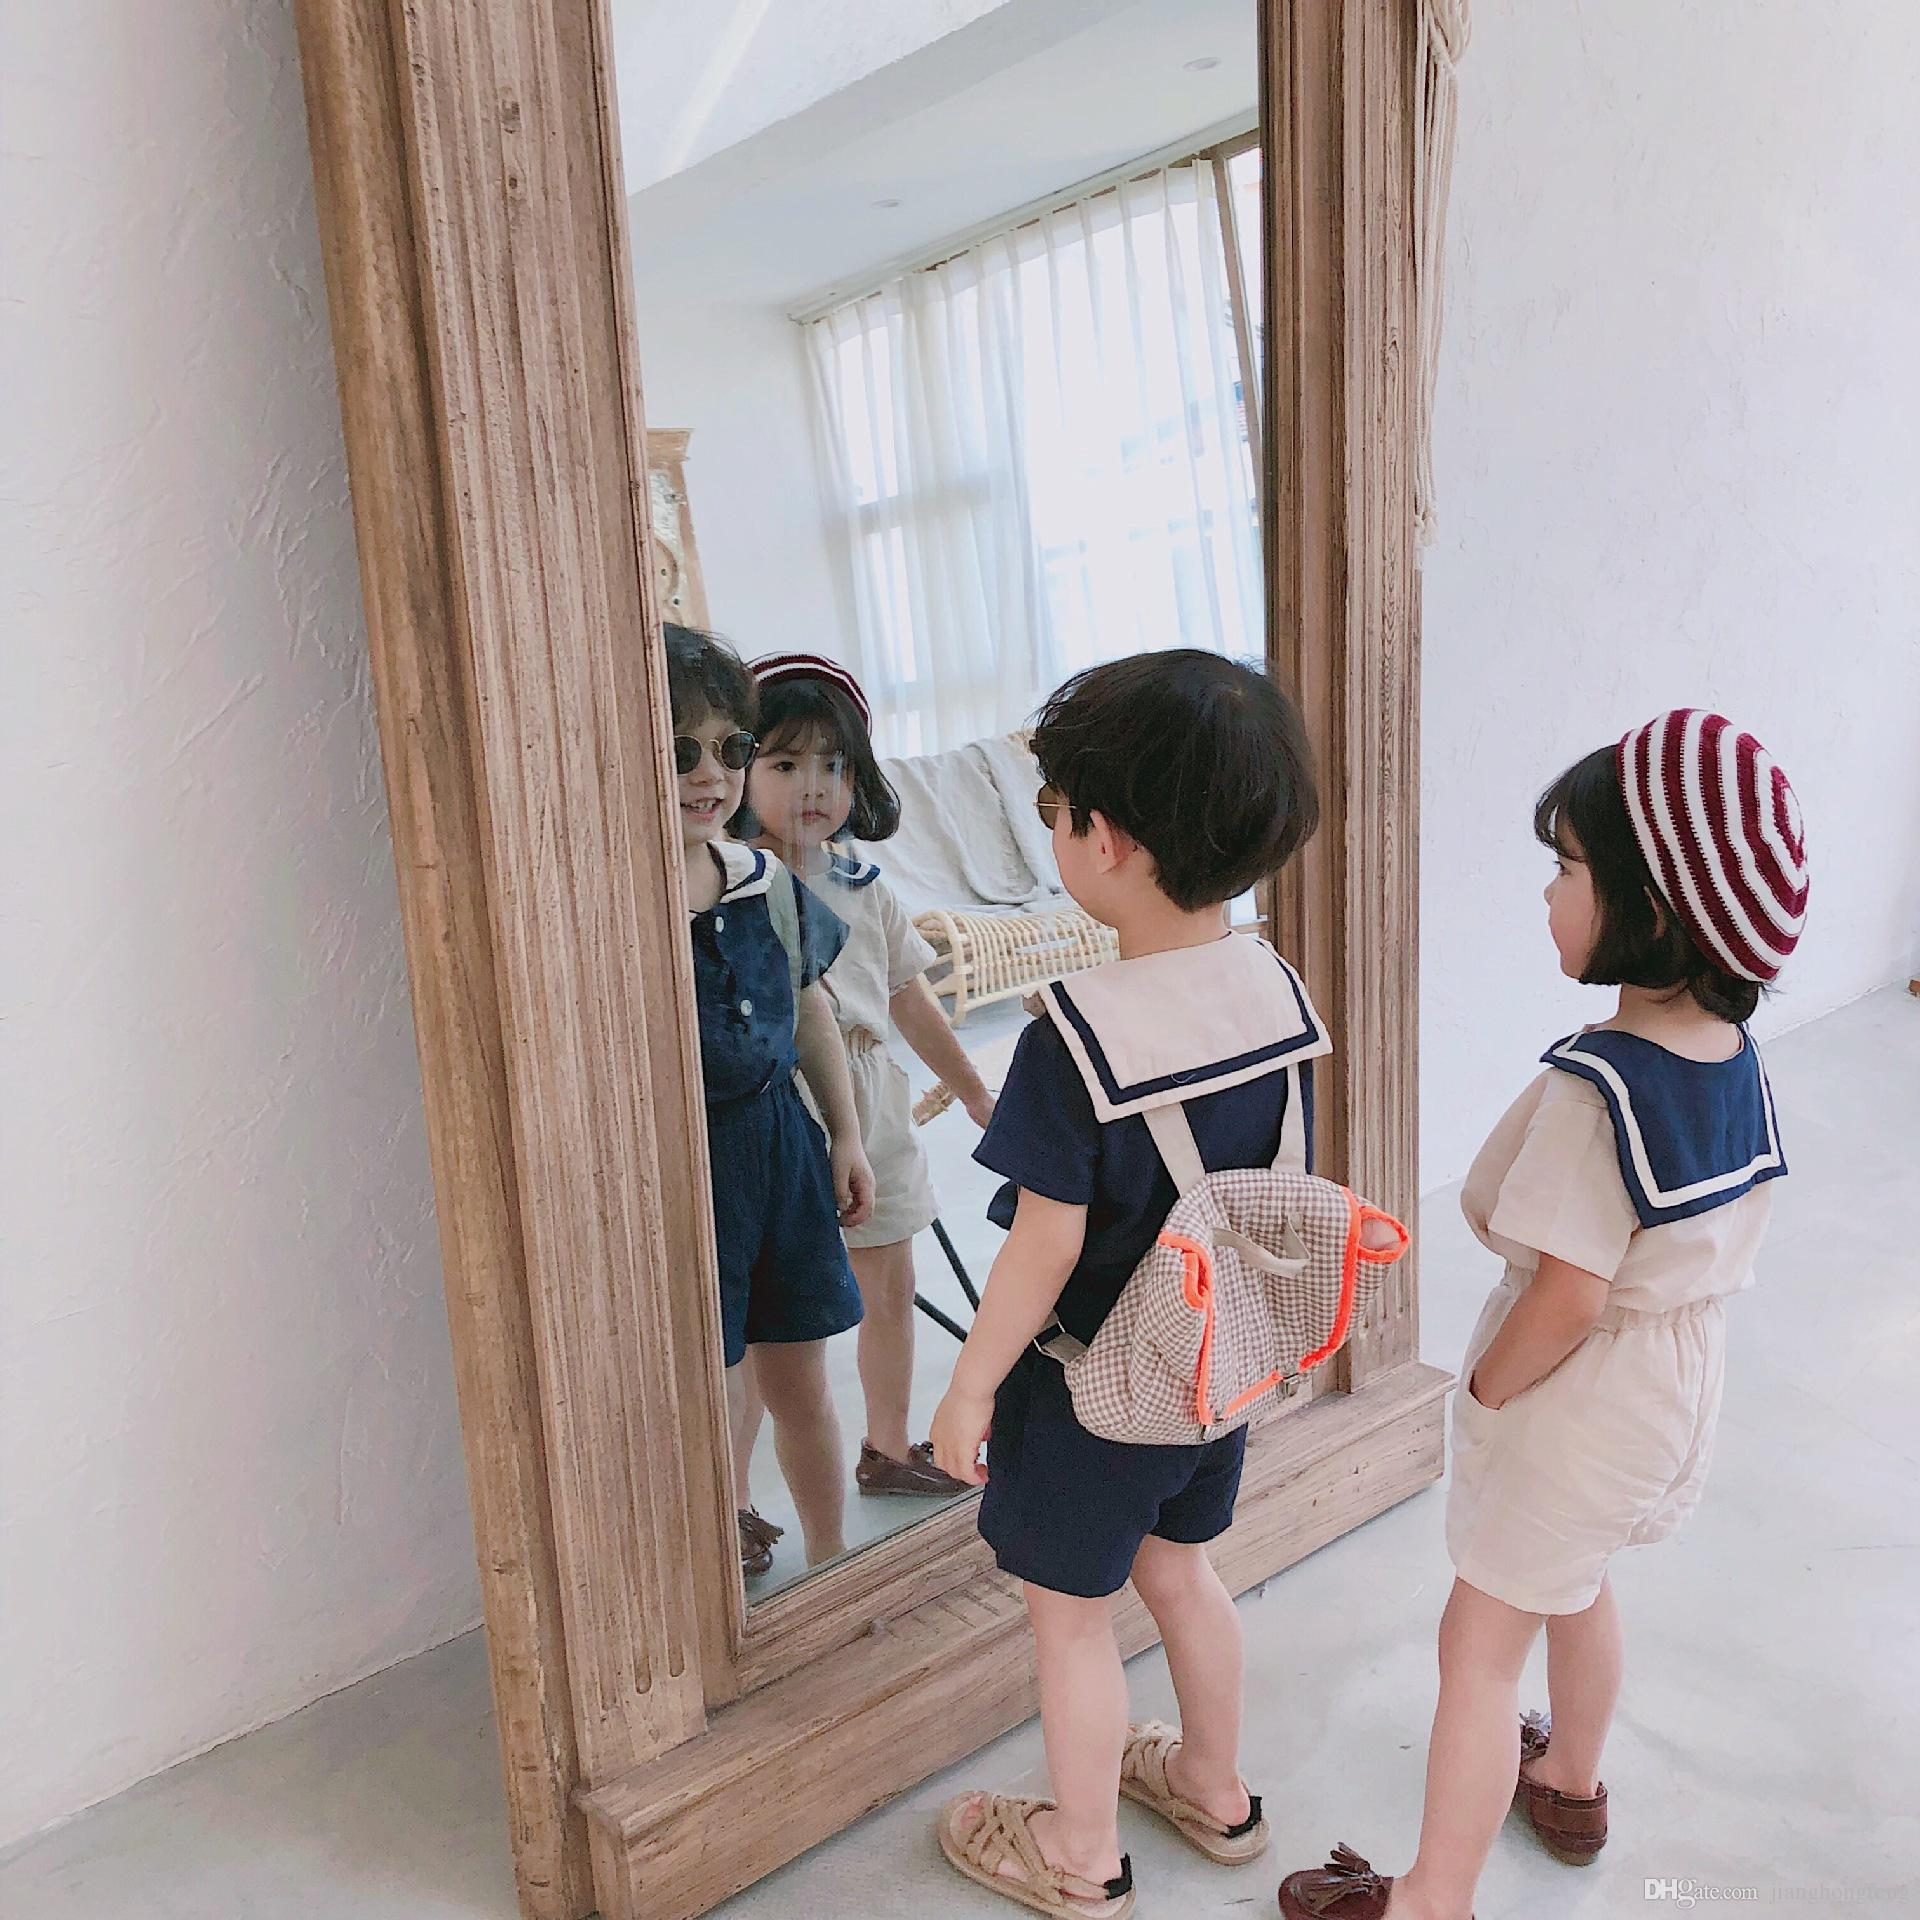 Vêtements de coton en coton marinière col coréen style été enfants définit les garçons mignons filles à manches courtes T-shirt + shorts costumes 2pcs